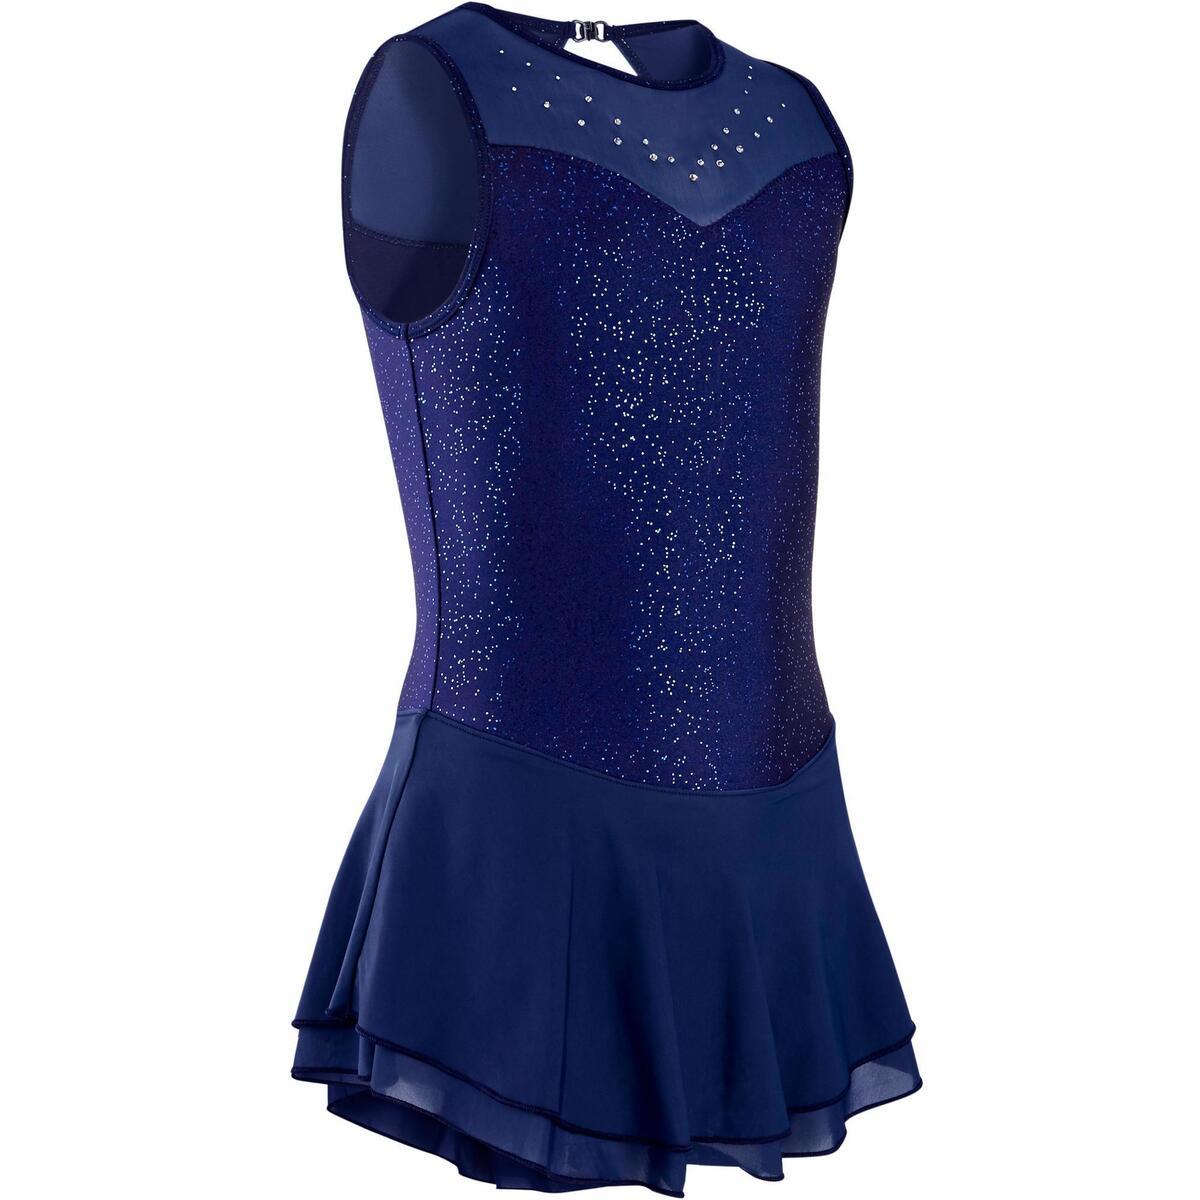 Bild 1 von Eiskunstlaufkleid Kinder nachtblau